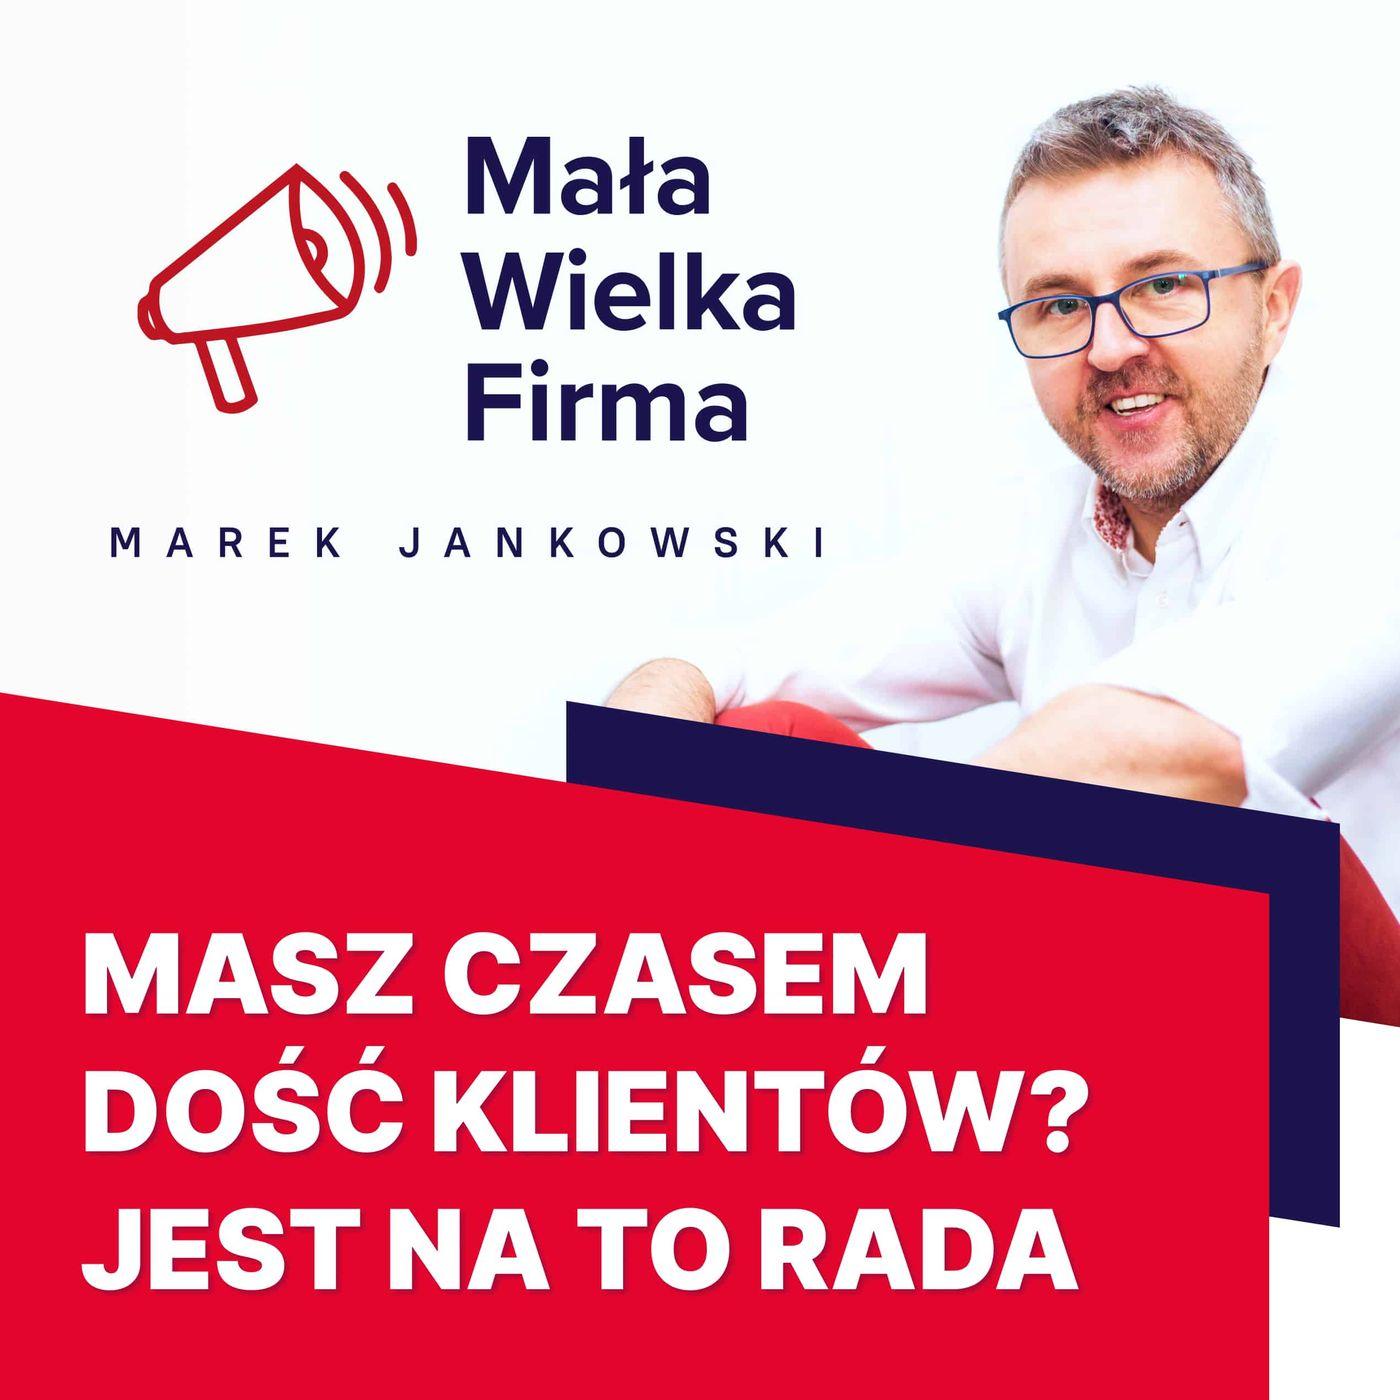 368: Masz czasem dość swoich klientów? Posłuchaj! | Krzysztof Krzemiński